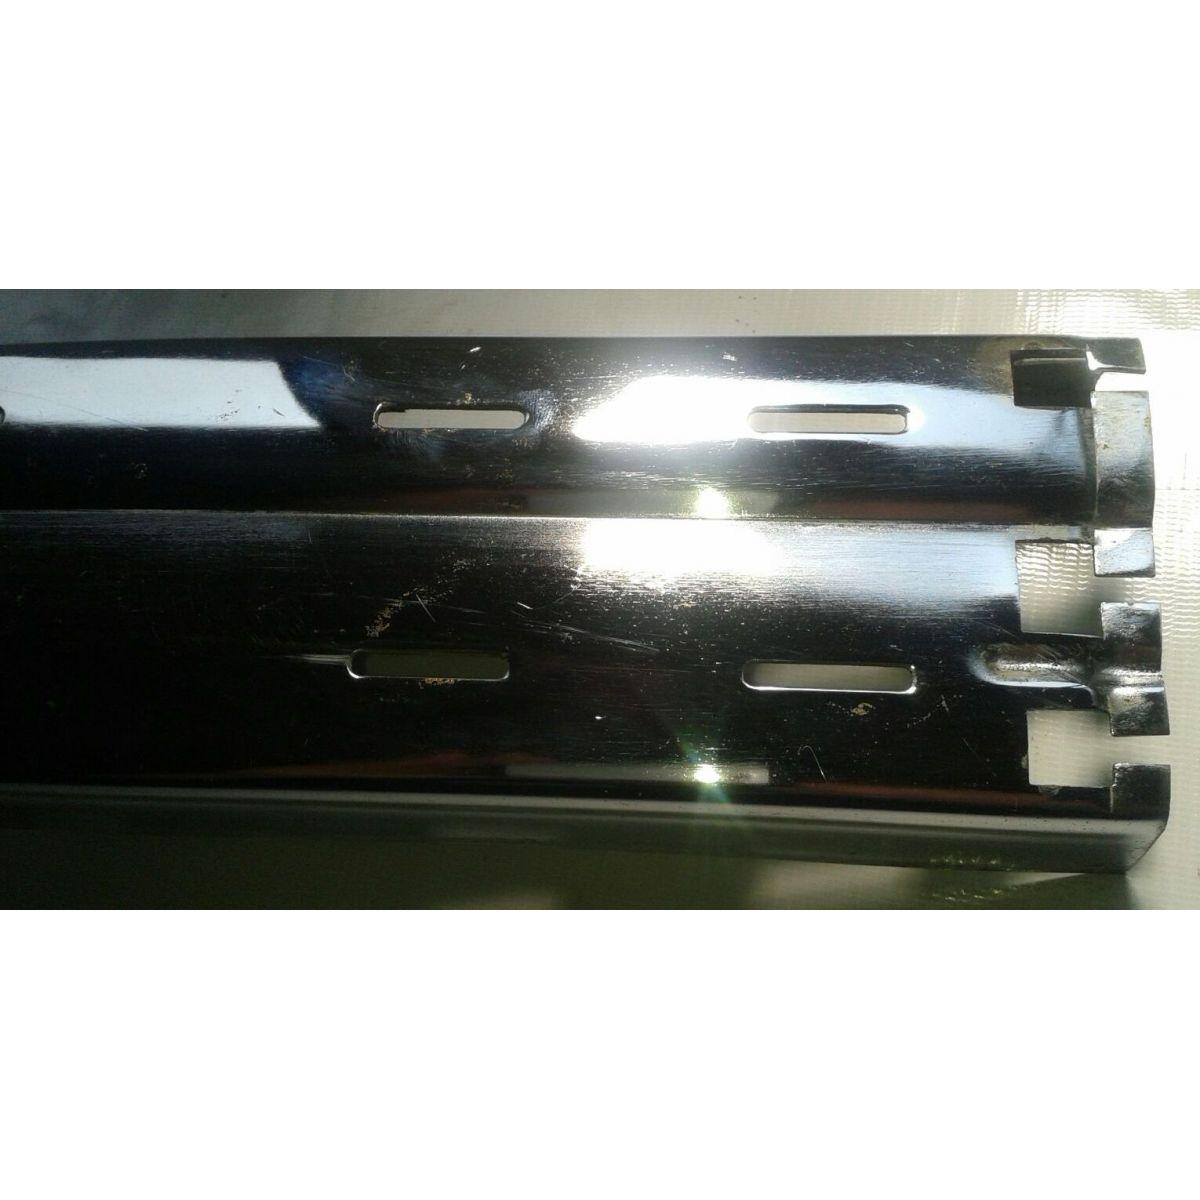 Parachoque Lamina Dianteiro Escort XR3 84 a 86 Com Furos Para Borrachão (Almofada) Cromado  - Amd Auto Peças